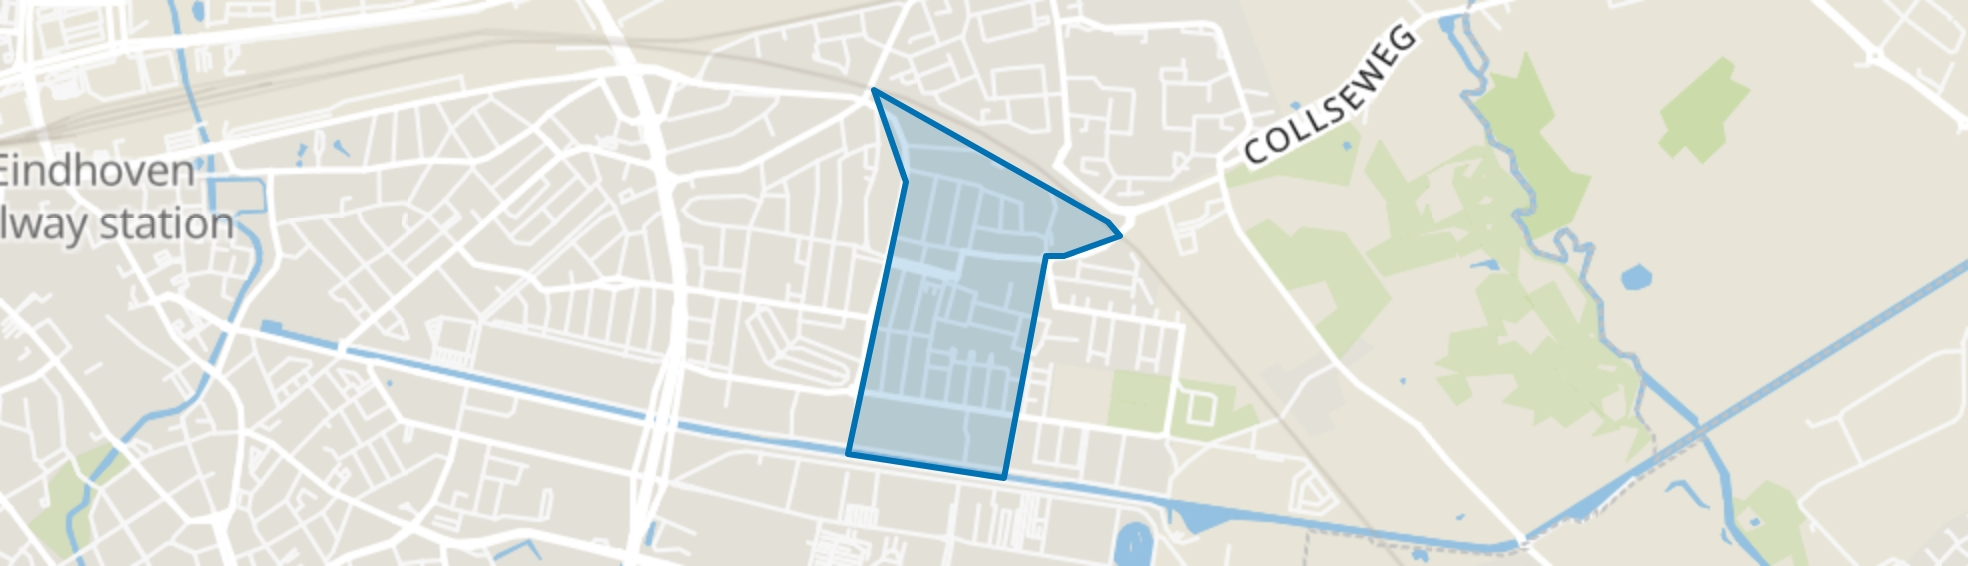 Doornakkers-Oost, Eindhoven map